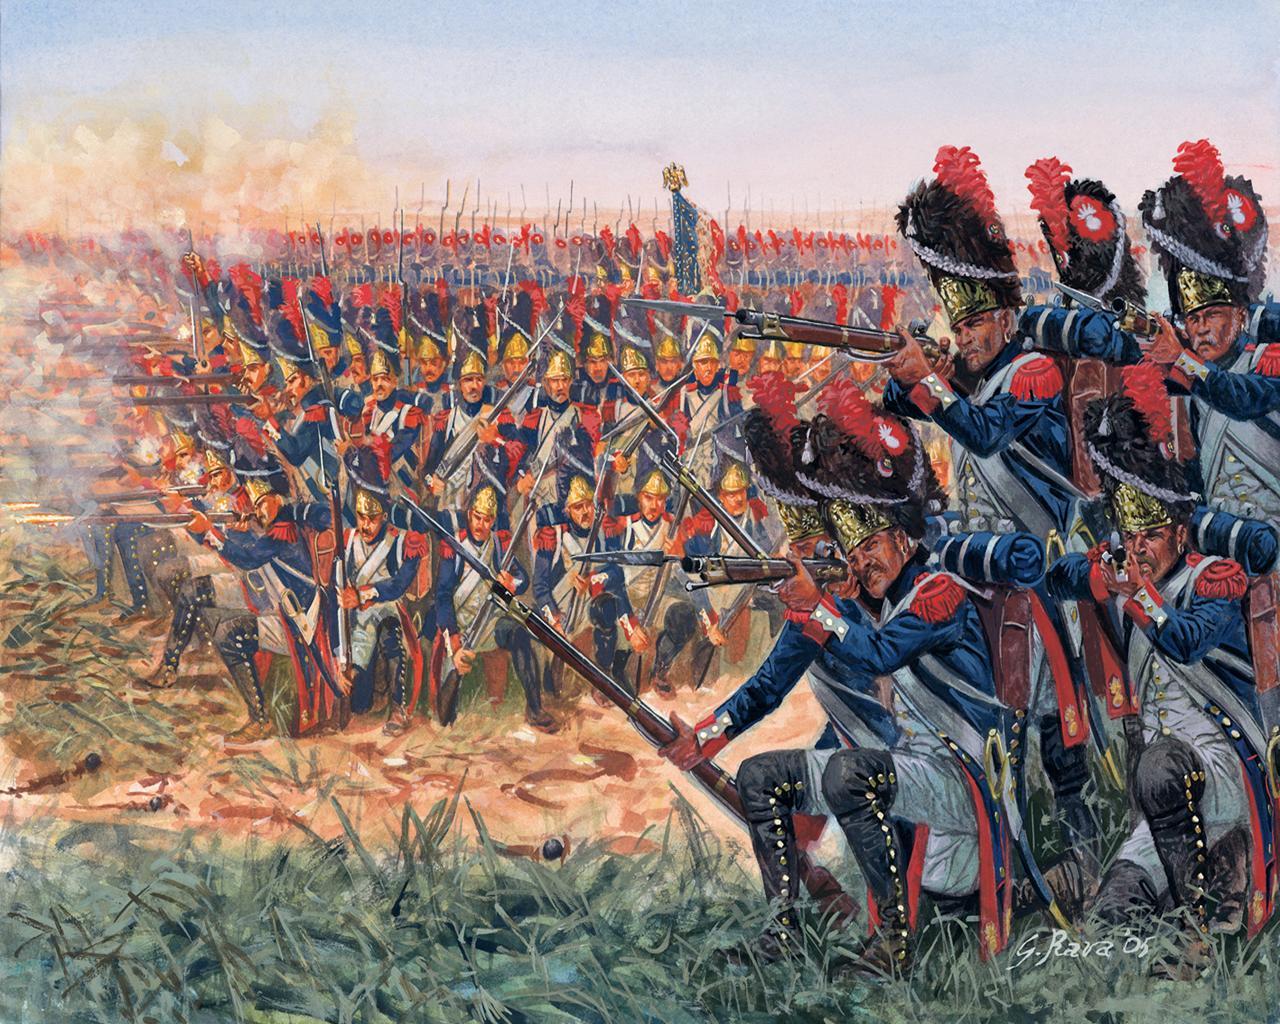 壁紙 絵画 Napoleonic Wars French Granadiers フレンチ